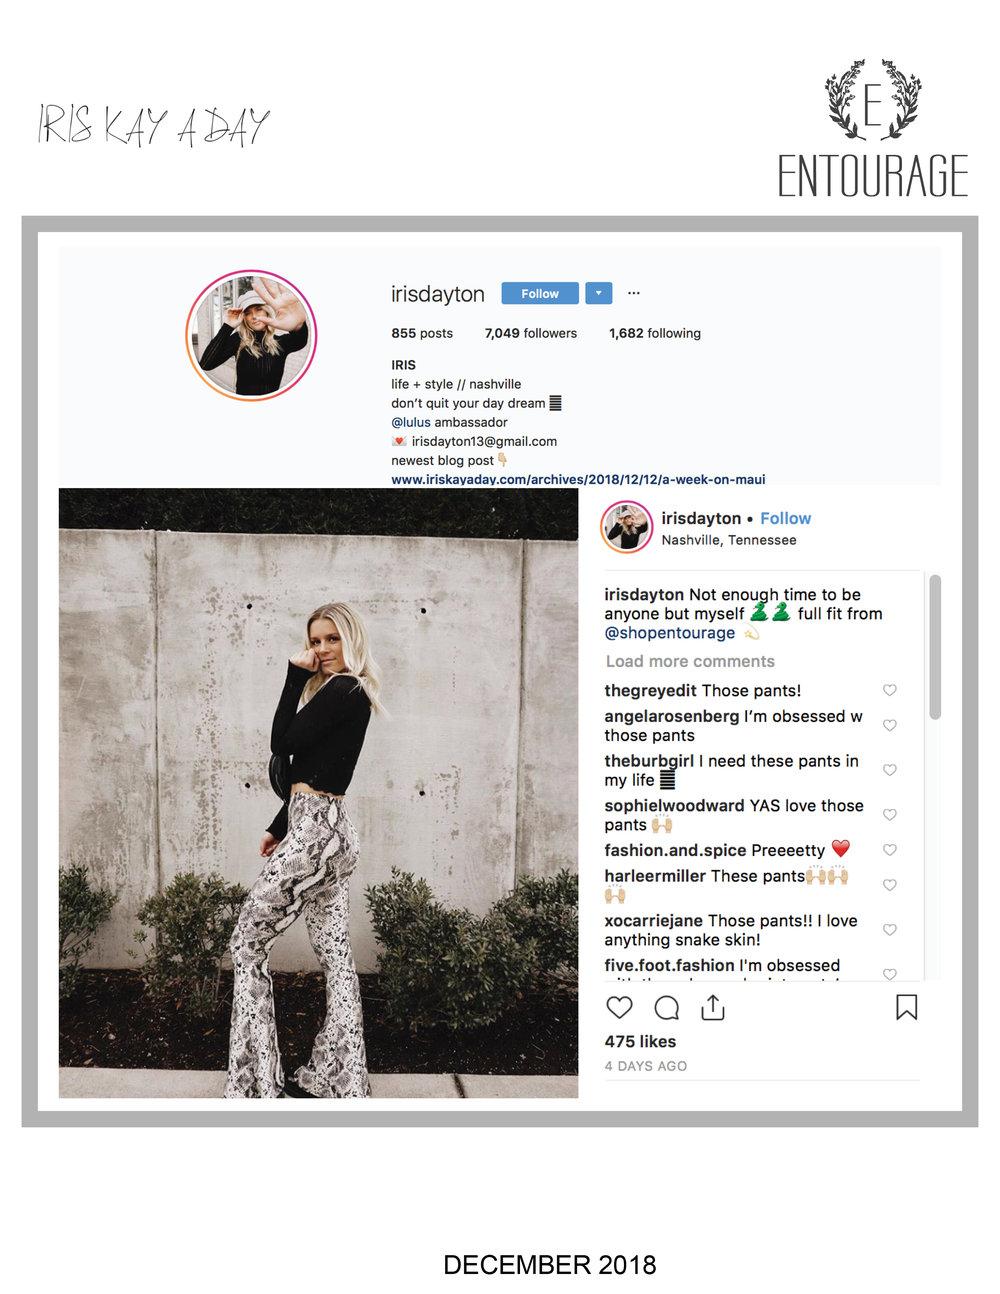 Entourage_IrisDayton_December2018.jpg